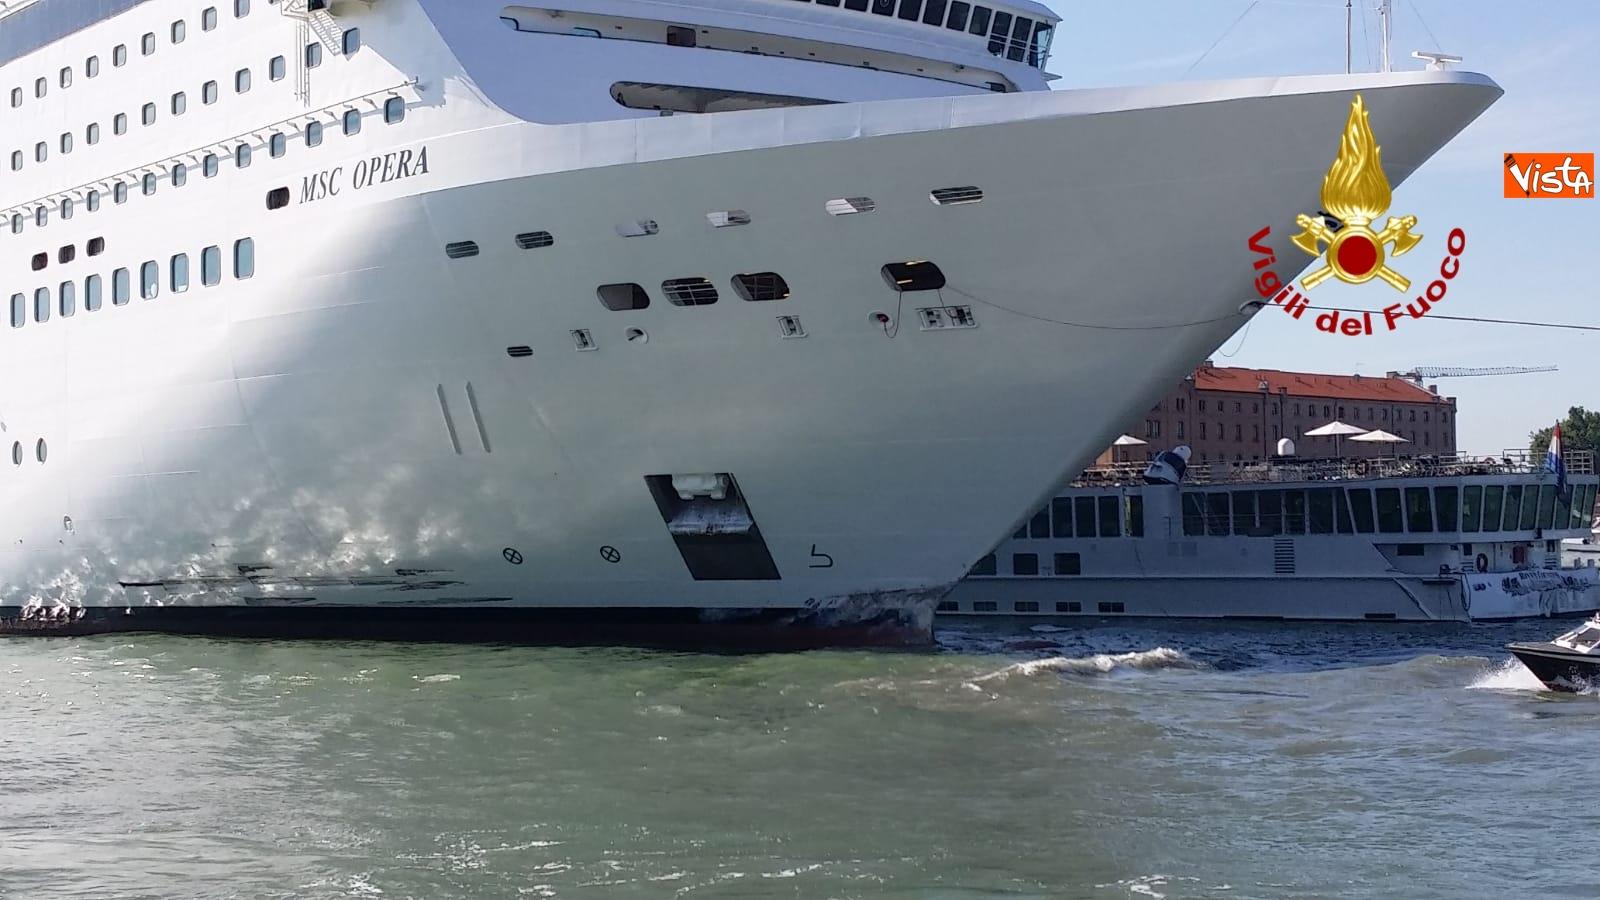 02-06-19 Scontro a Venezia fra nave da crociera e battello turistico le verifiche dei vigili del fuoco dopo l incidente_04